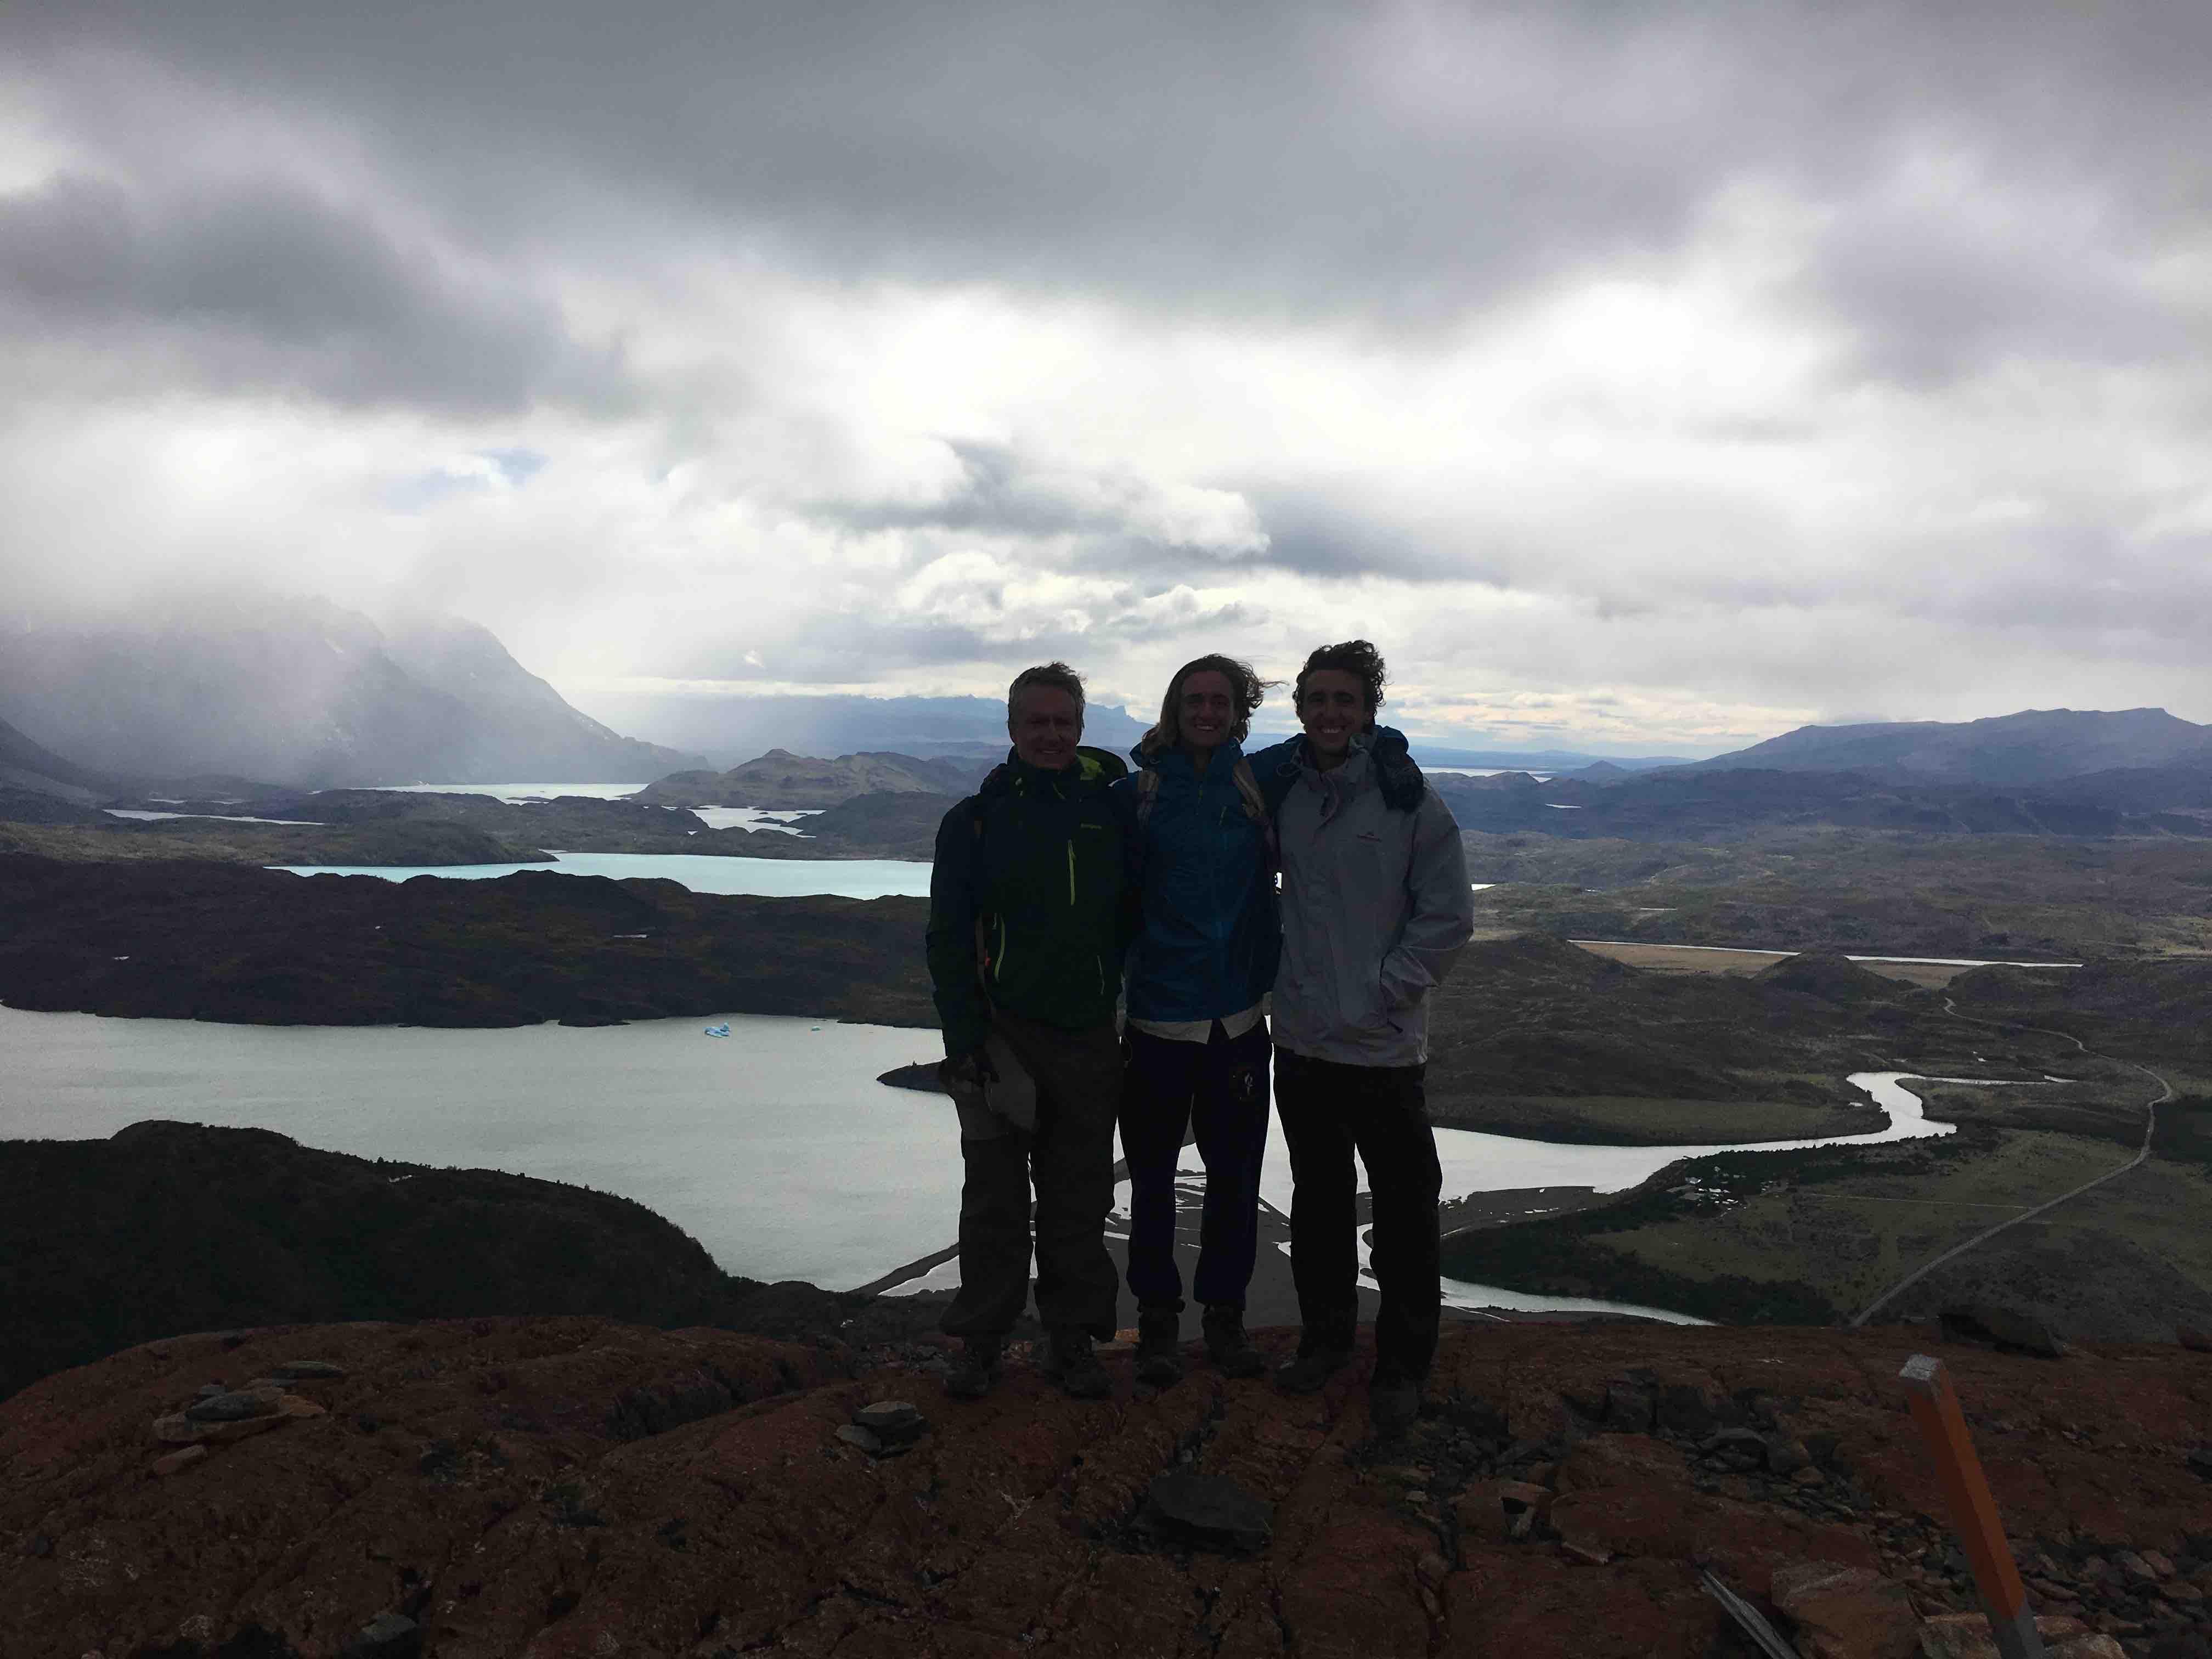 Guys on mountaintop.jpg